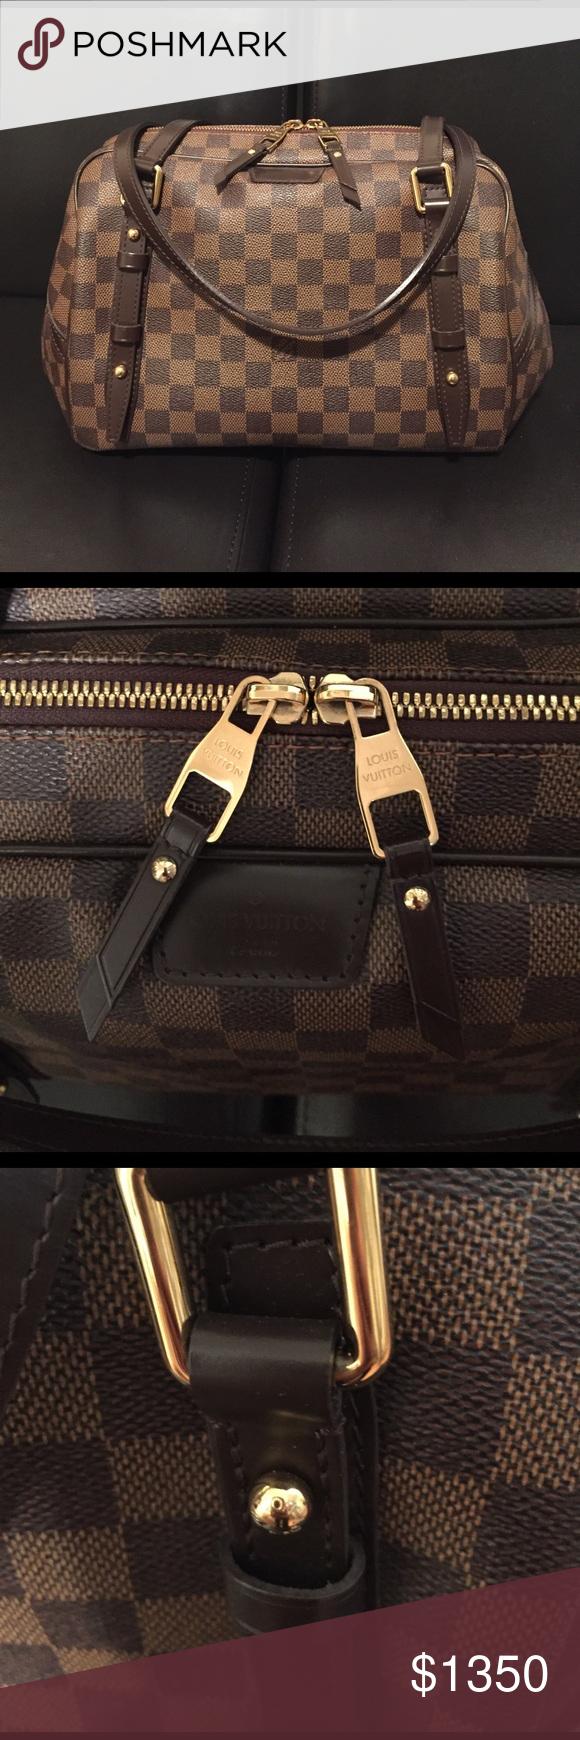 Preloved Authentic Louis Vuitton Irvington gm🎁 authentic